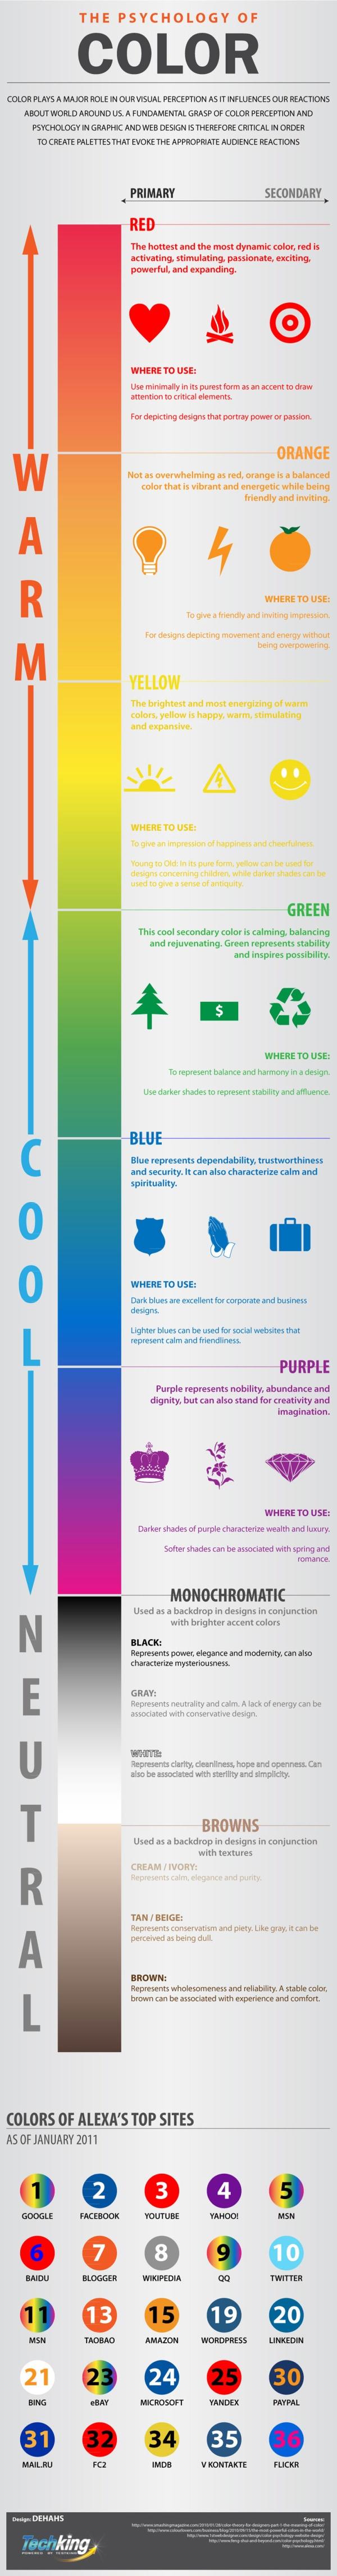 Colour therapy for myopia - The Psychology Of Color La Psicologia Del Colore